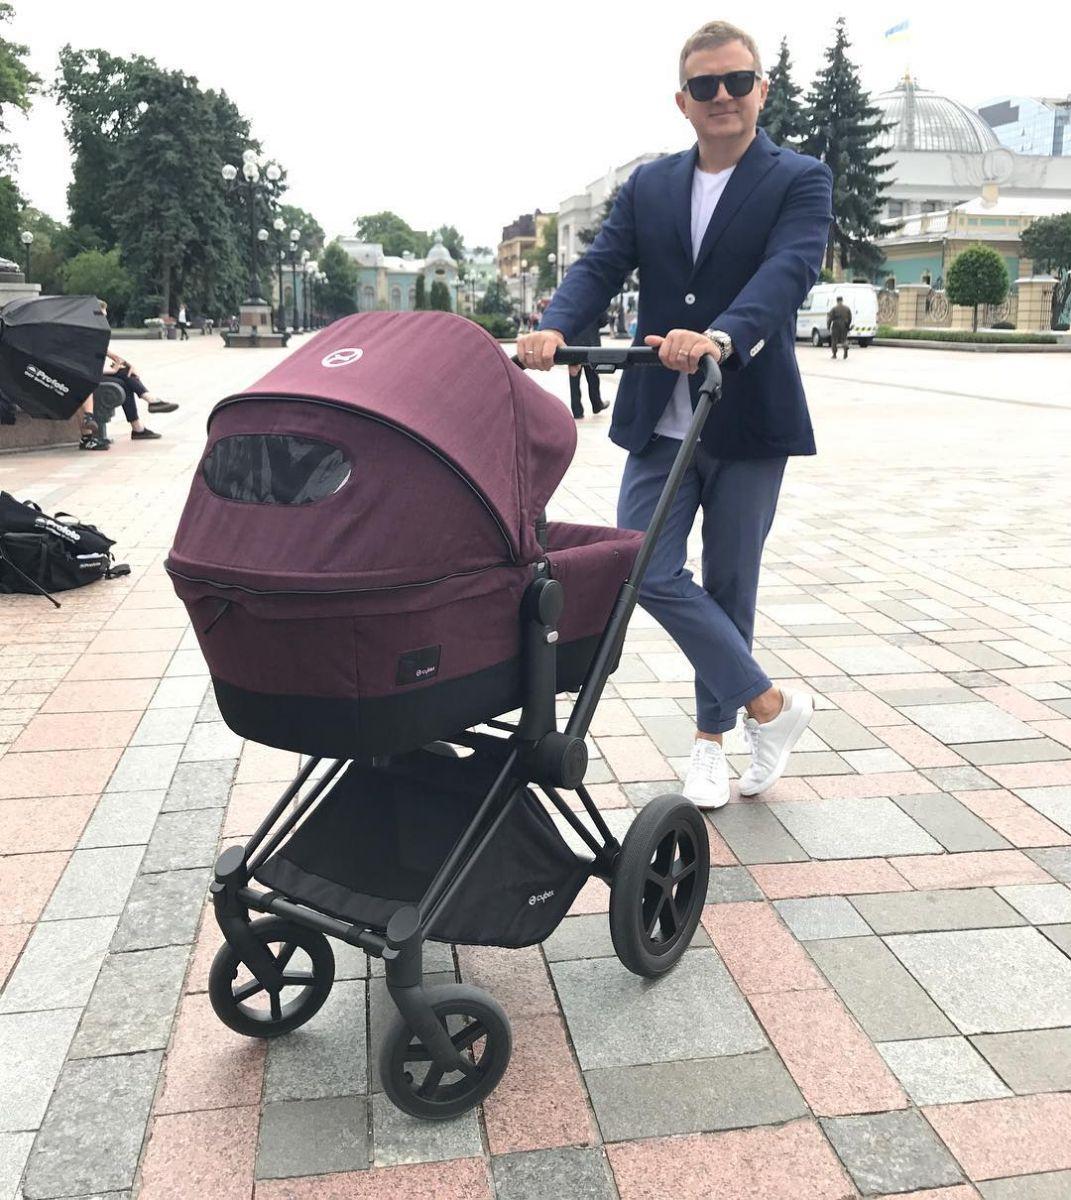 Катя Осадчая и Юрий Горбунов поделились первыми фото сына Вани